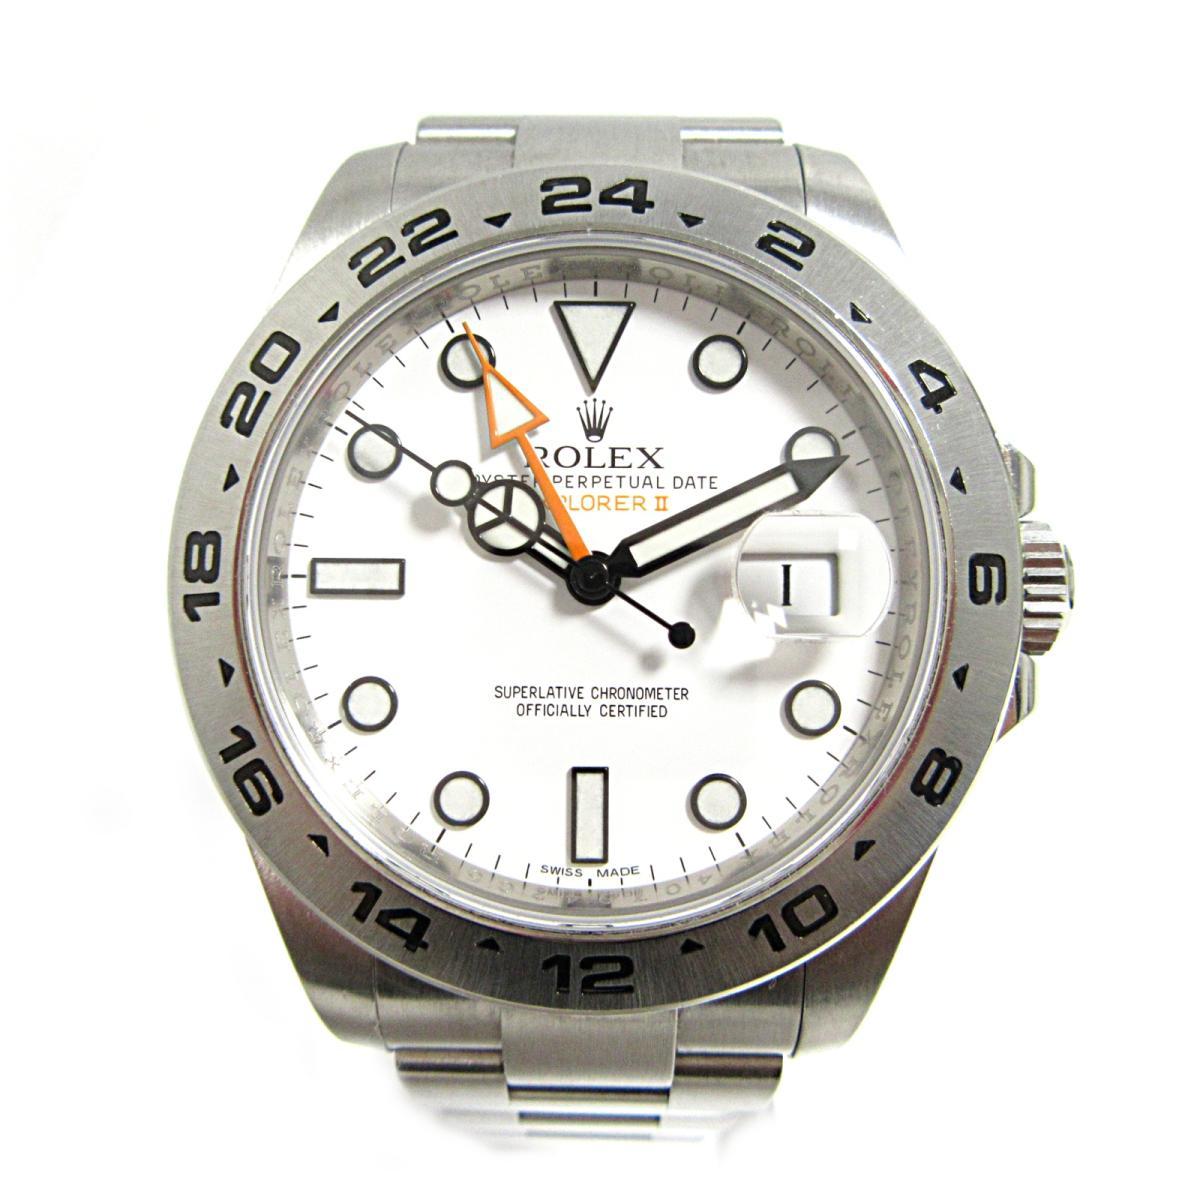 finest selection a8472 bb7d7 【中古】ロレックス エクスプローラー2 腕時計 ウォッチ メンズ 時計 メンズ ステンレススチール(SS) ...